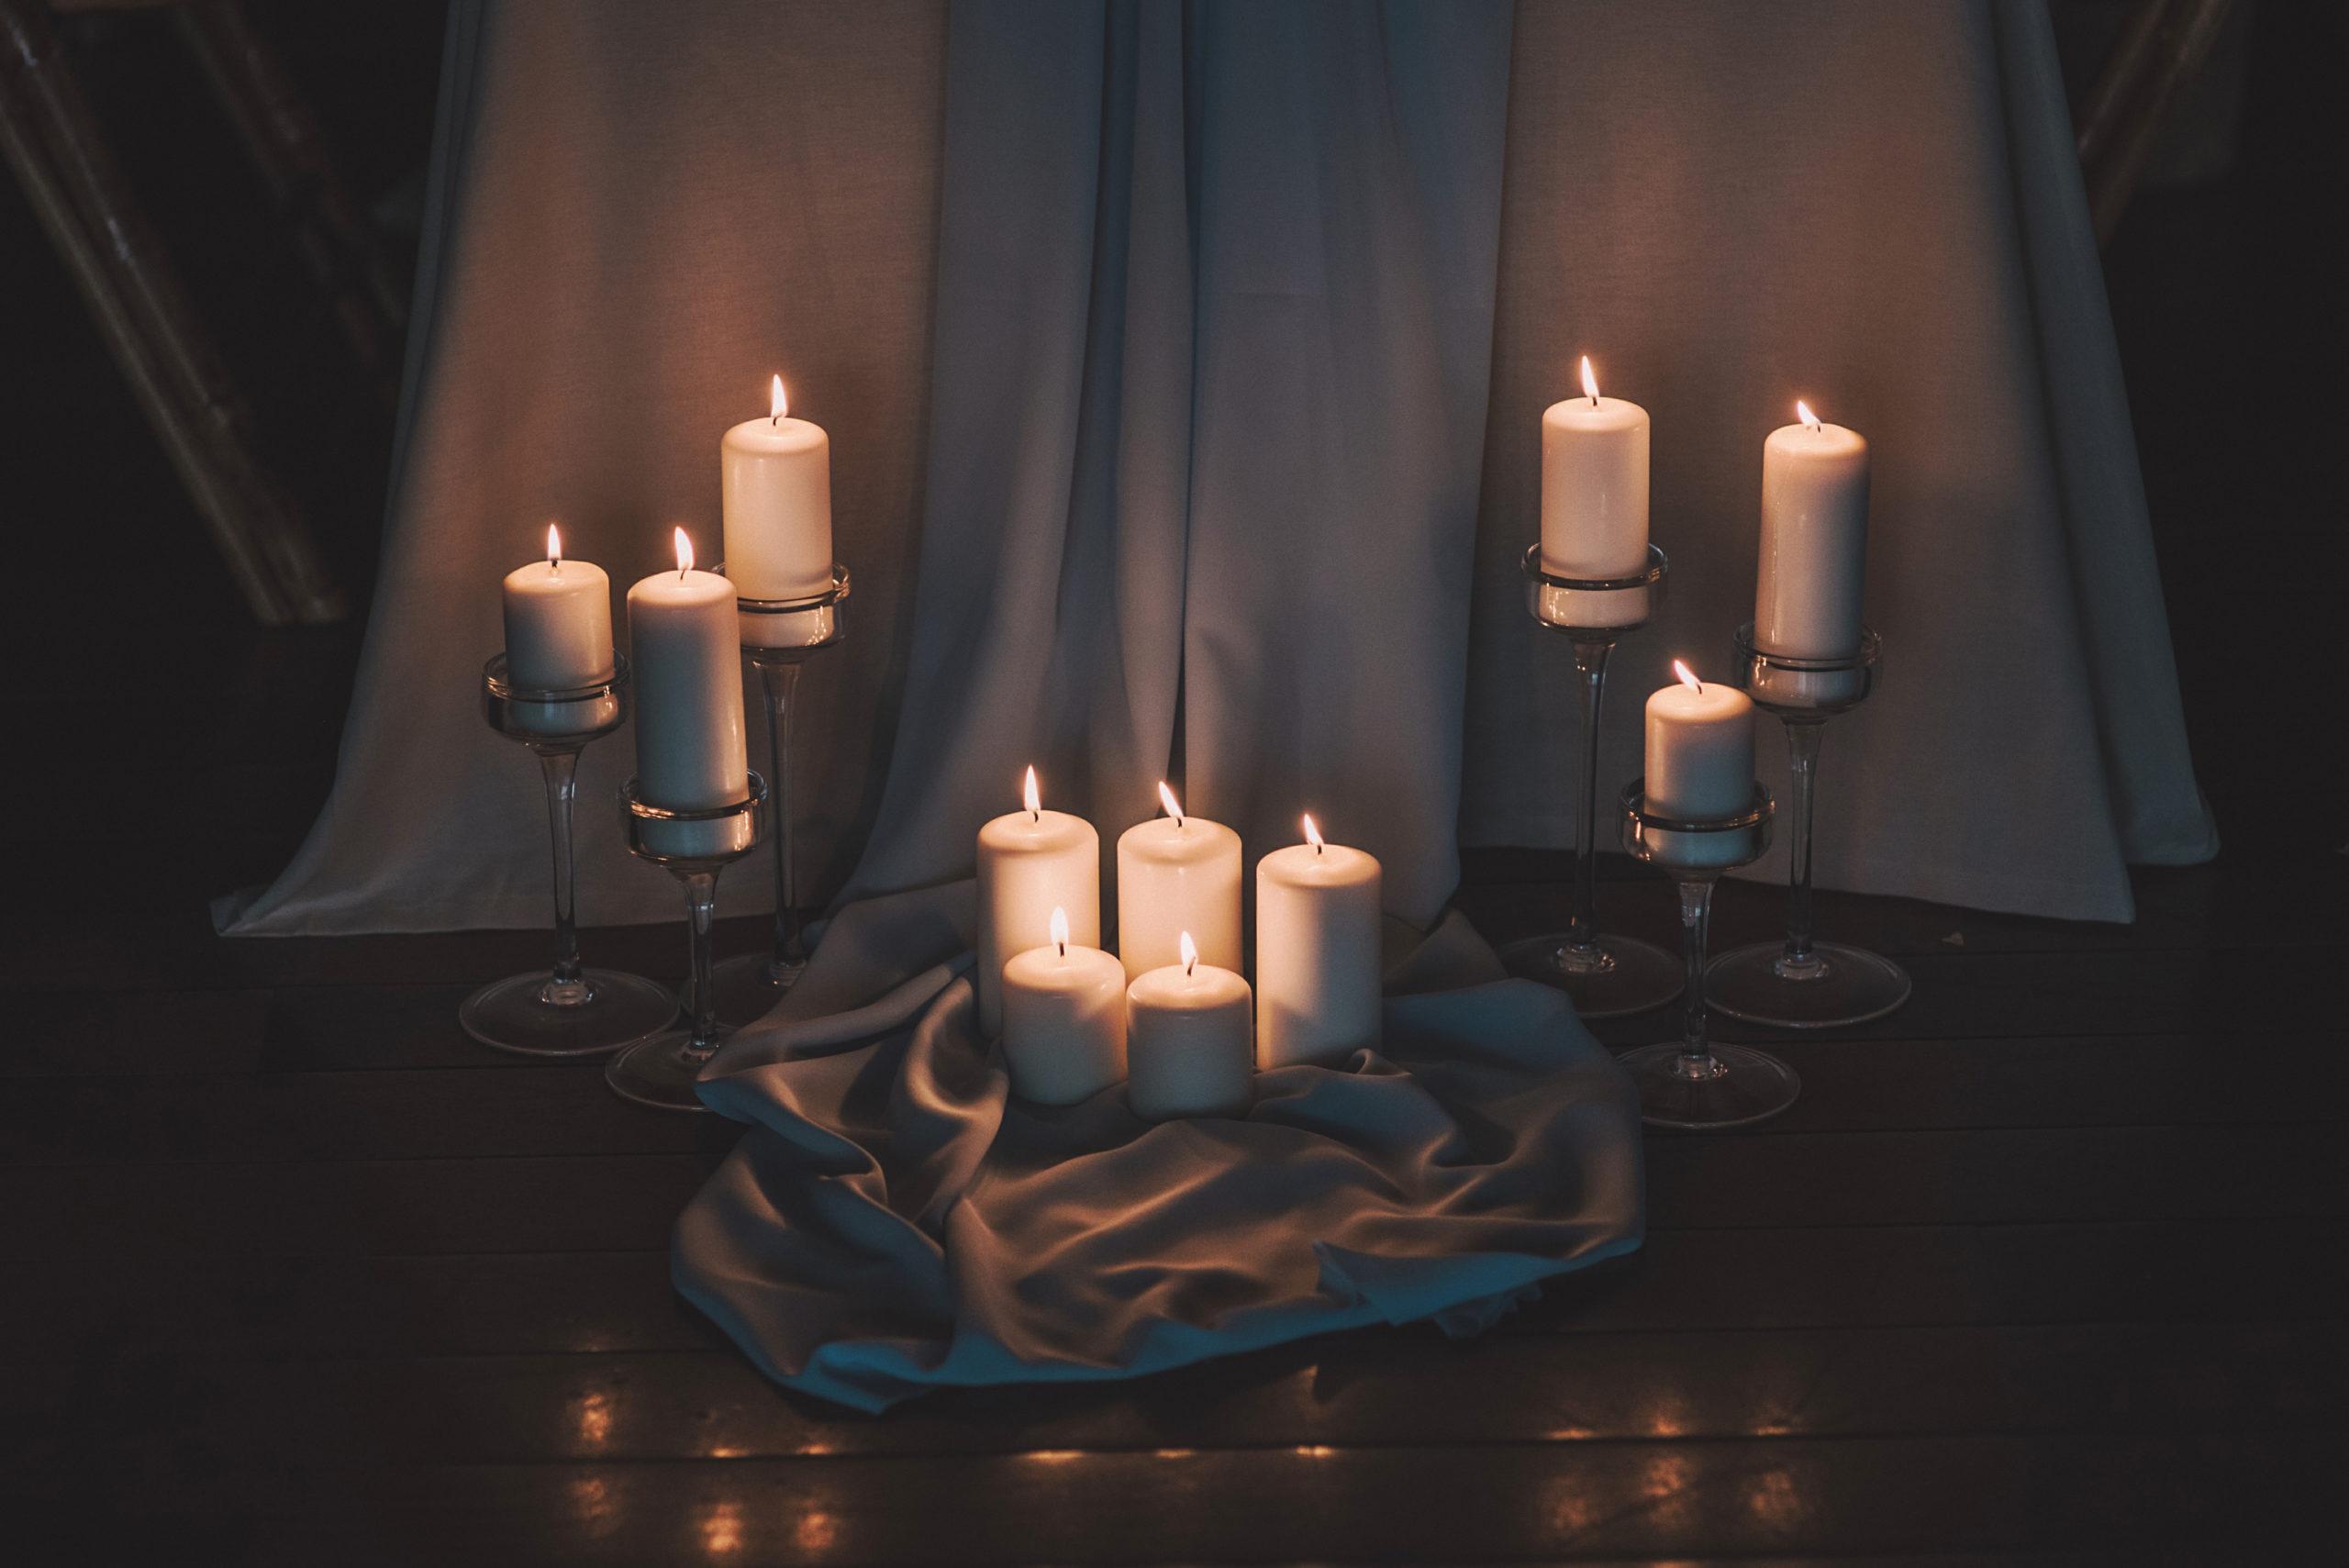 Velas decorativas de banquete con tela azul y mantel blanco